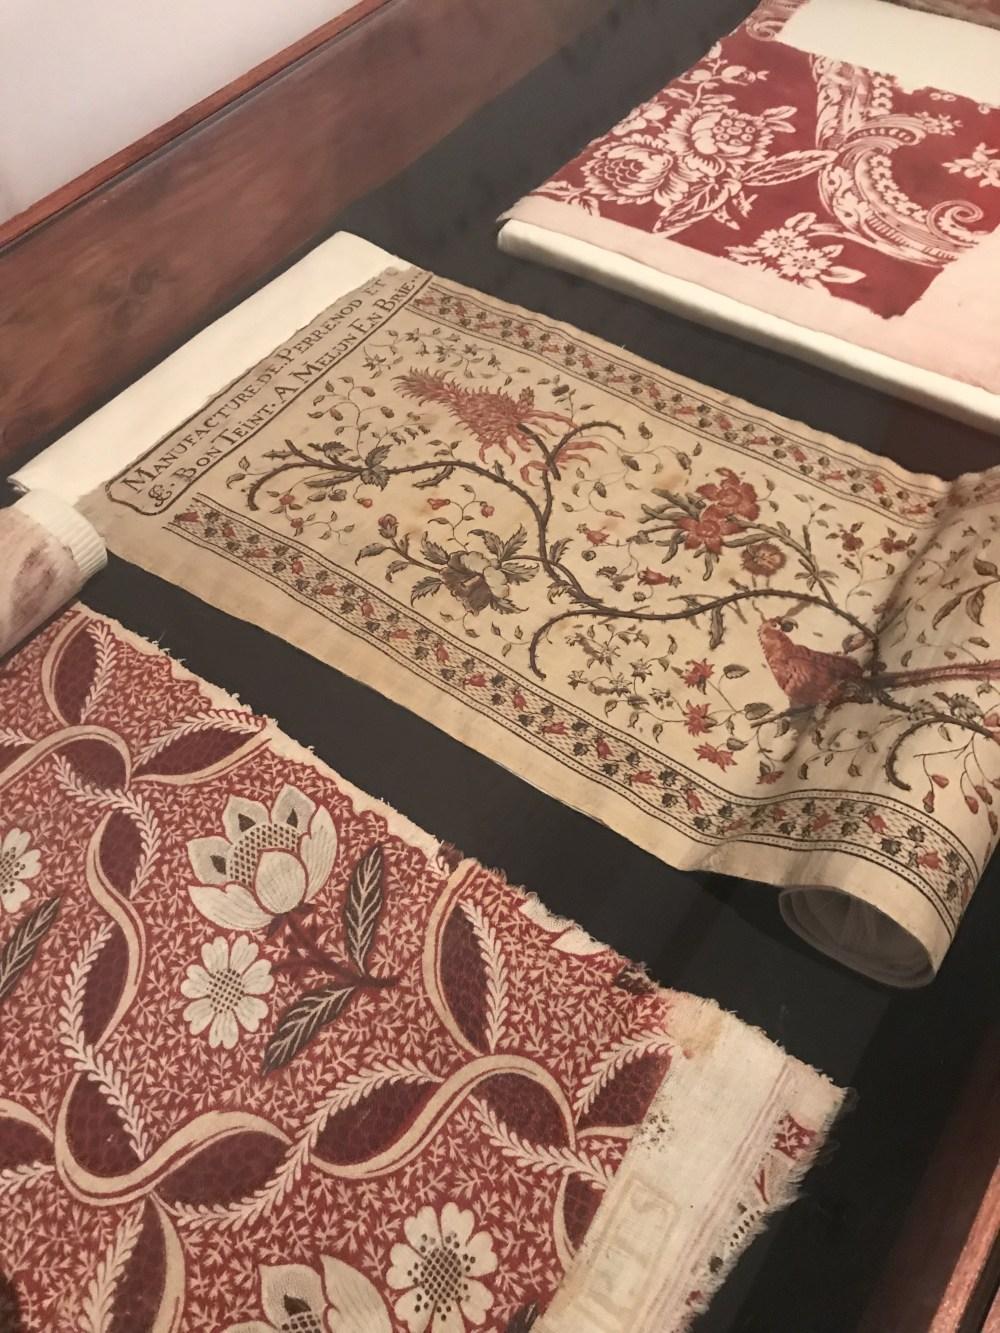 Séculos entre tecidos no Musée de l'Impression sur Étoffes